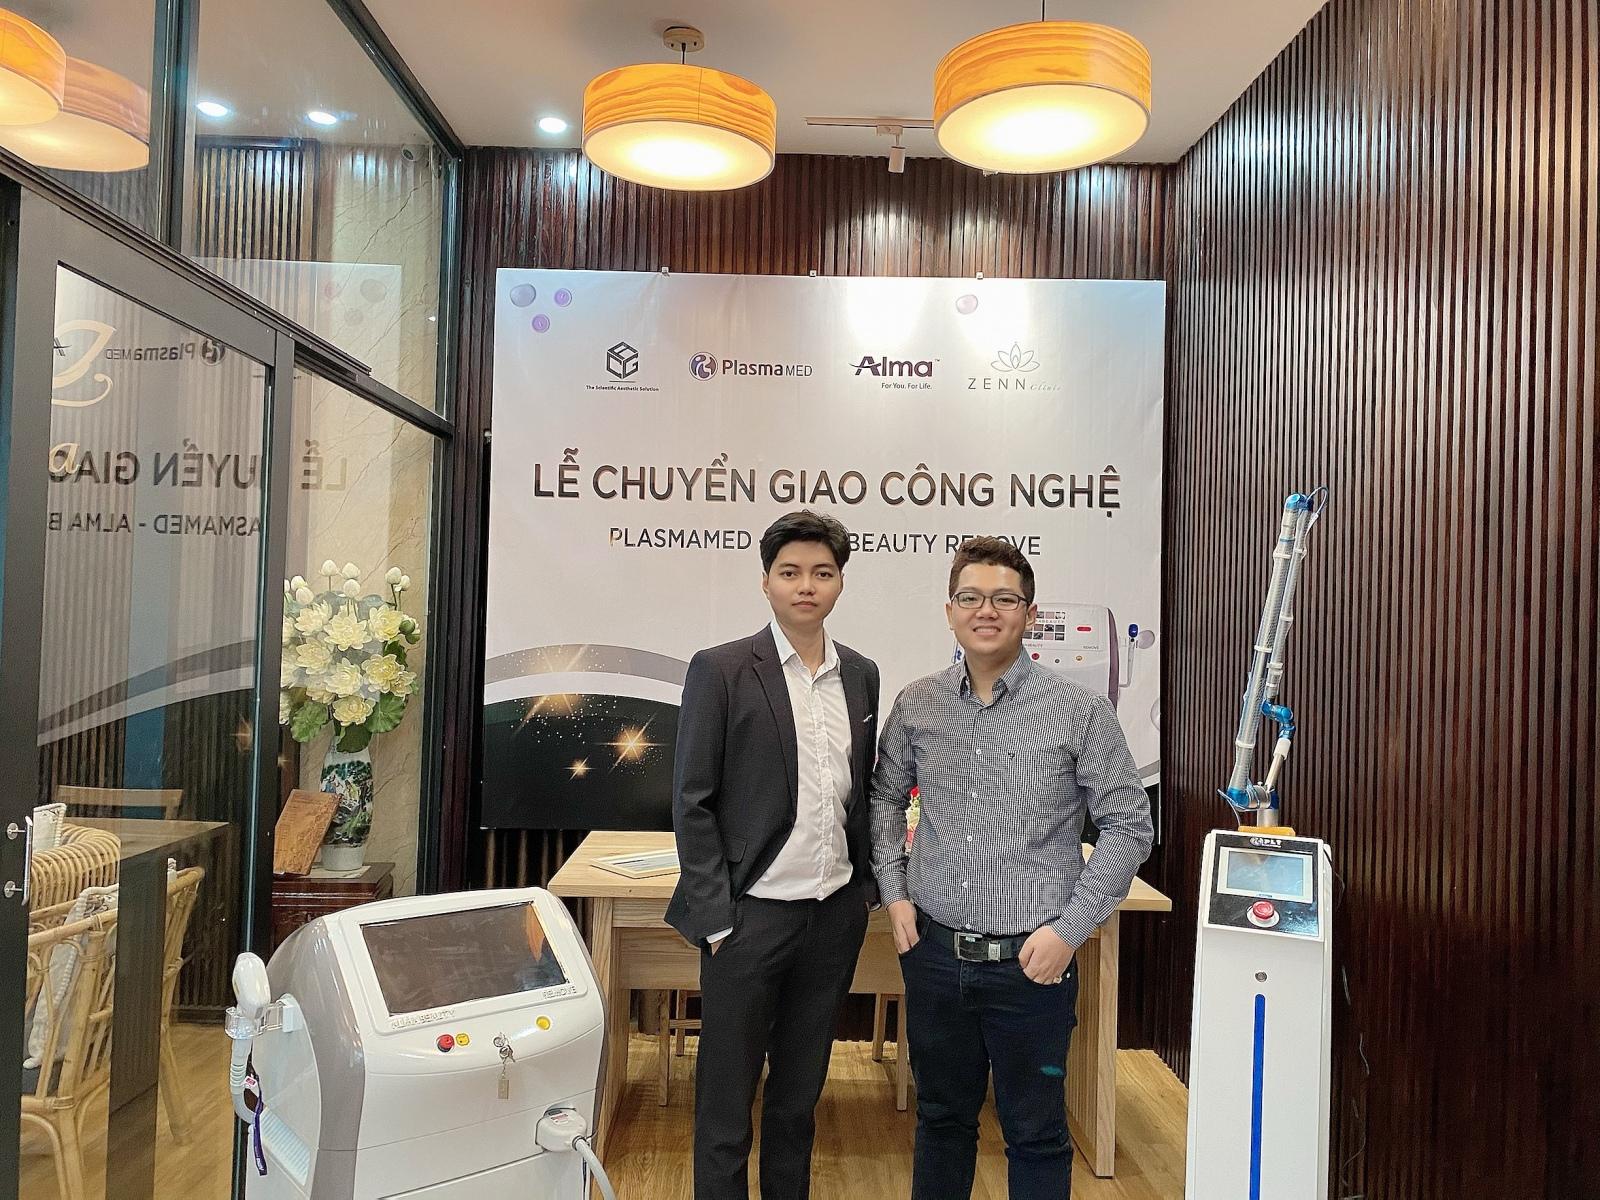 Zenn Clinic  - Bình Định